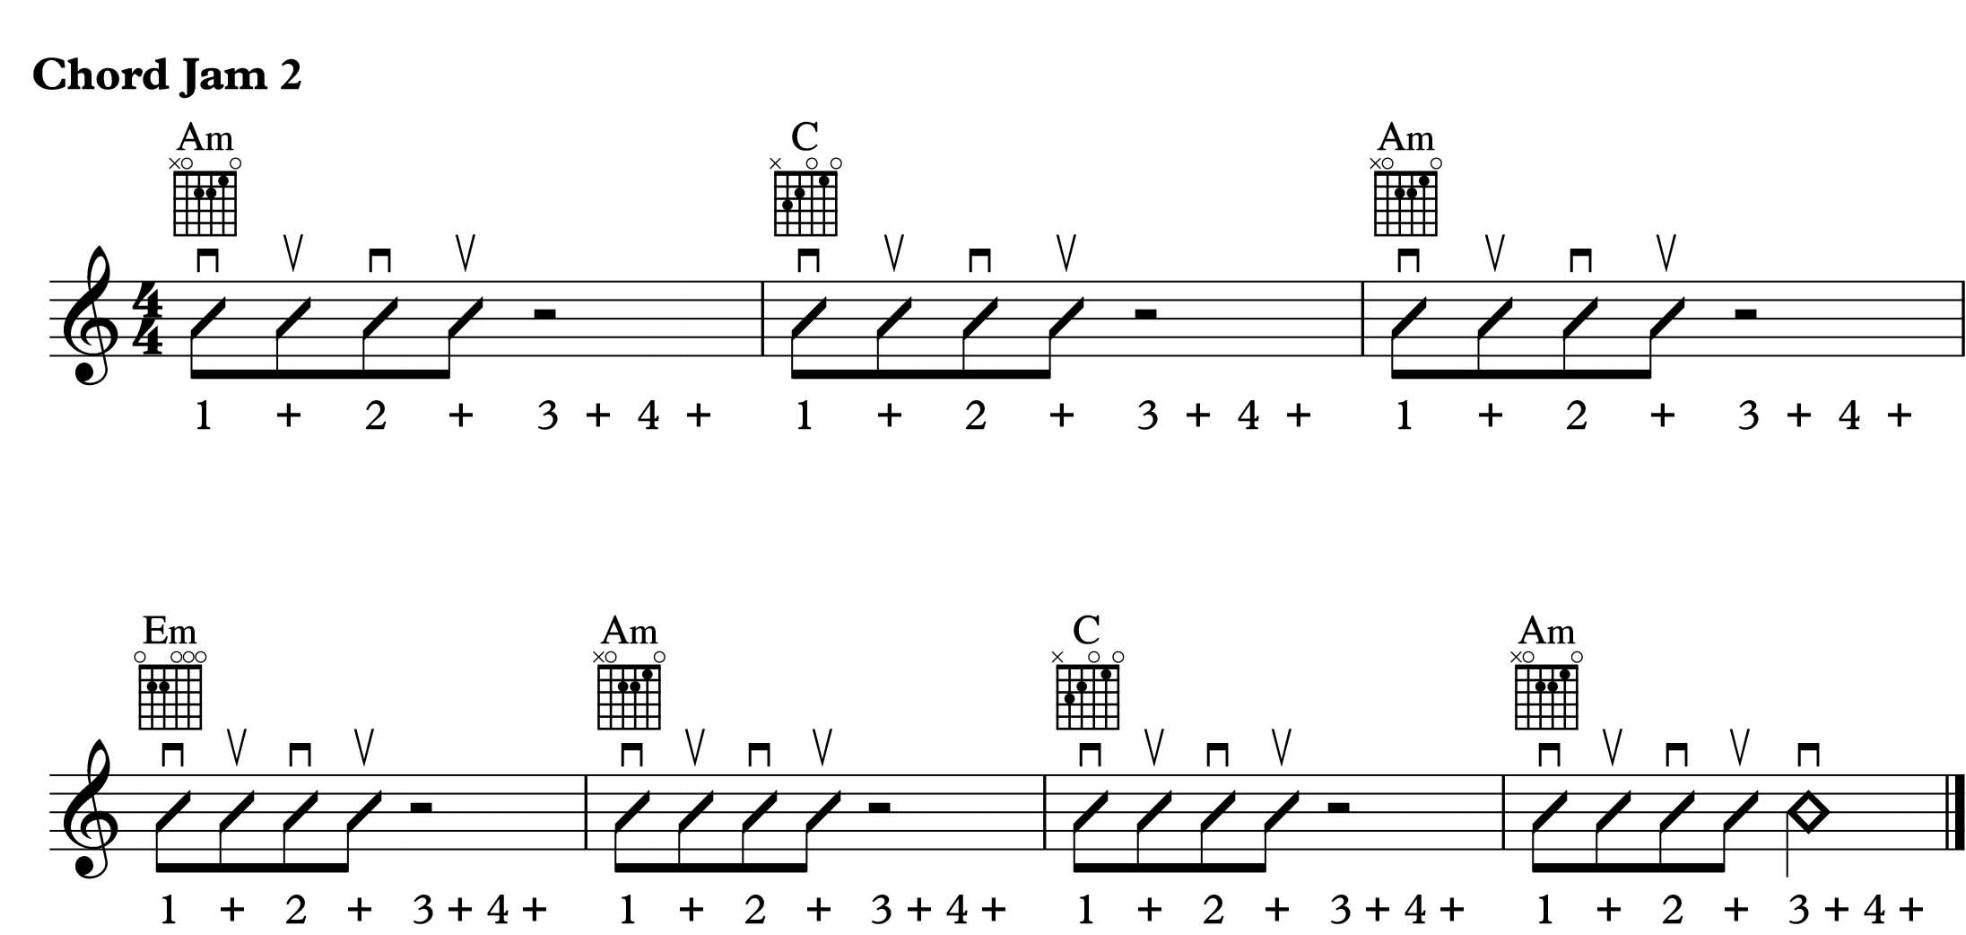 ACE Chord Jam - Full Score.jpg